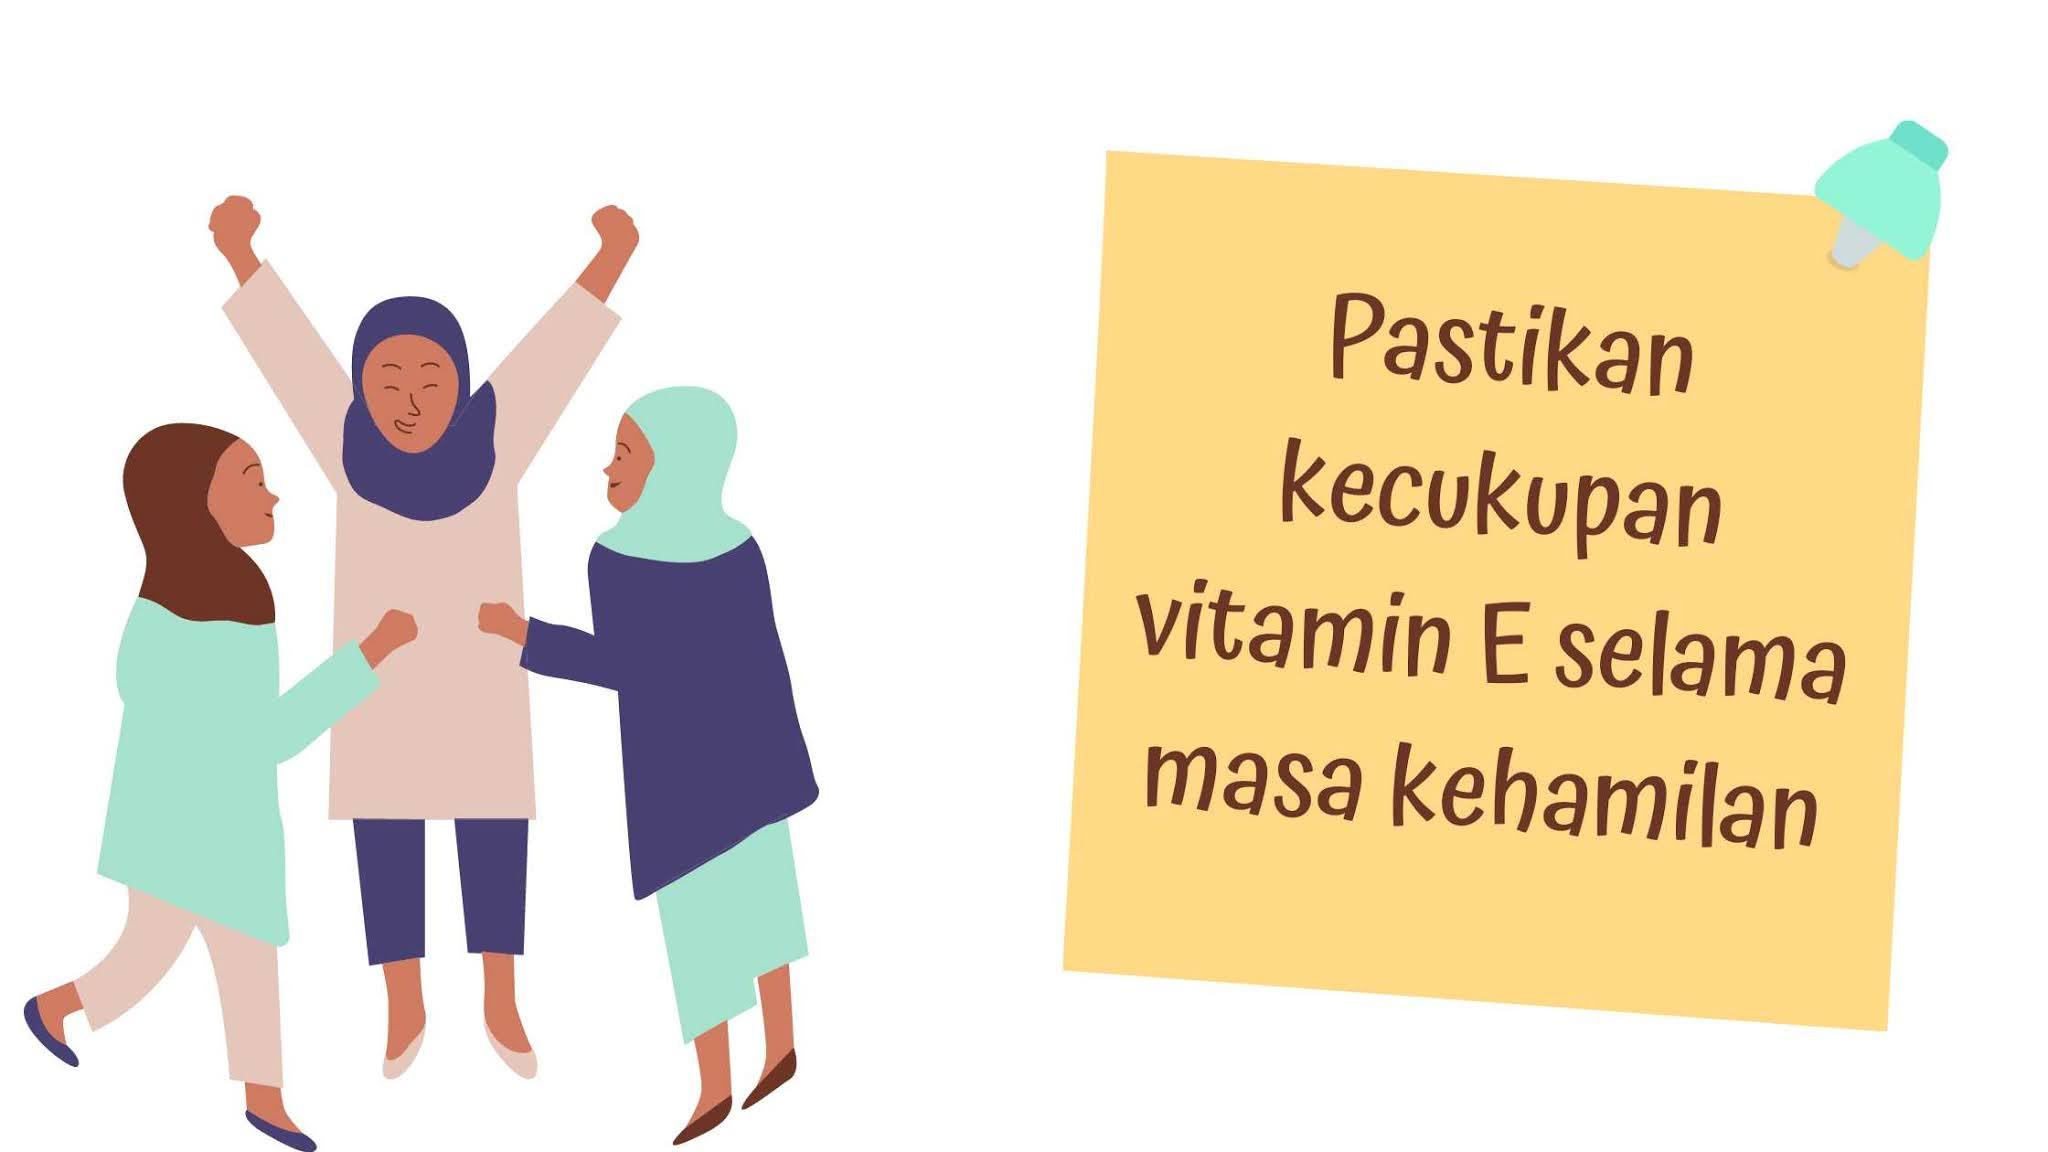 Pastikan asupan vitamin E